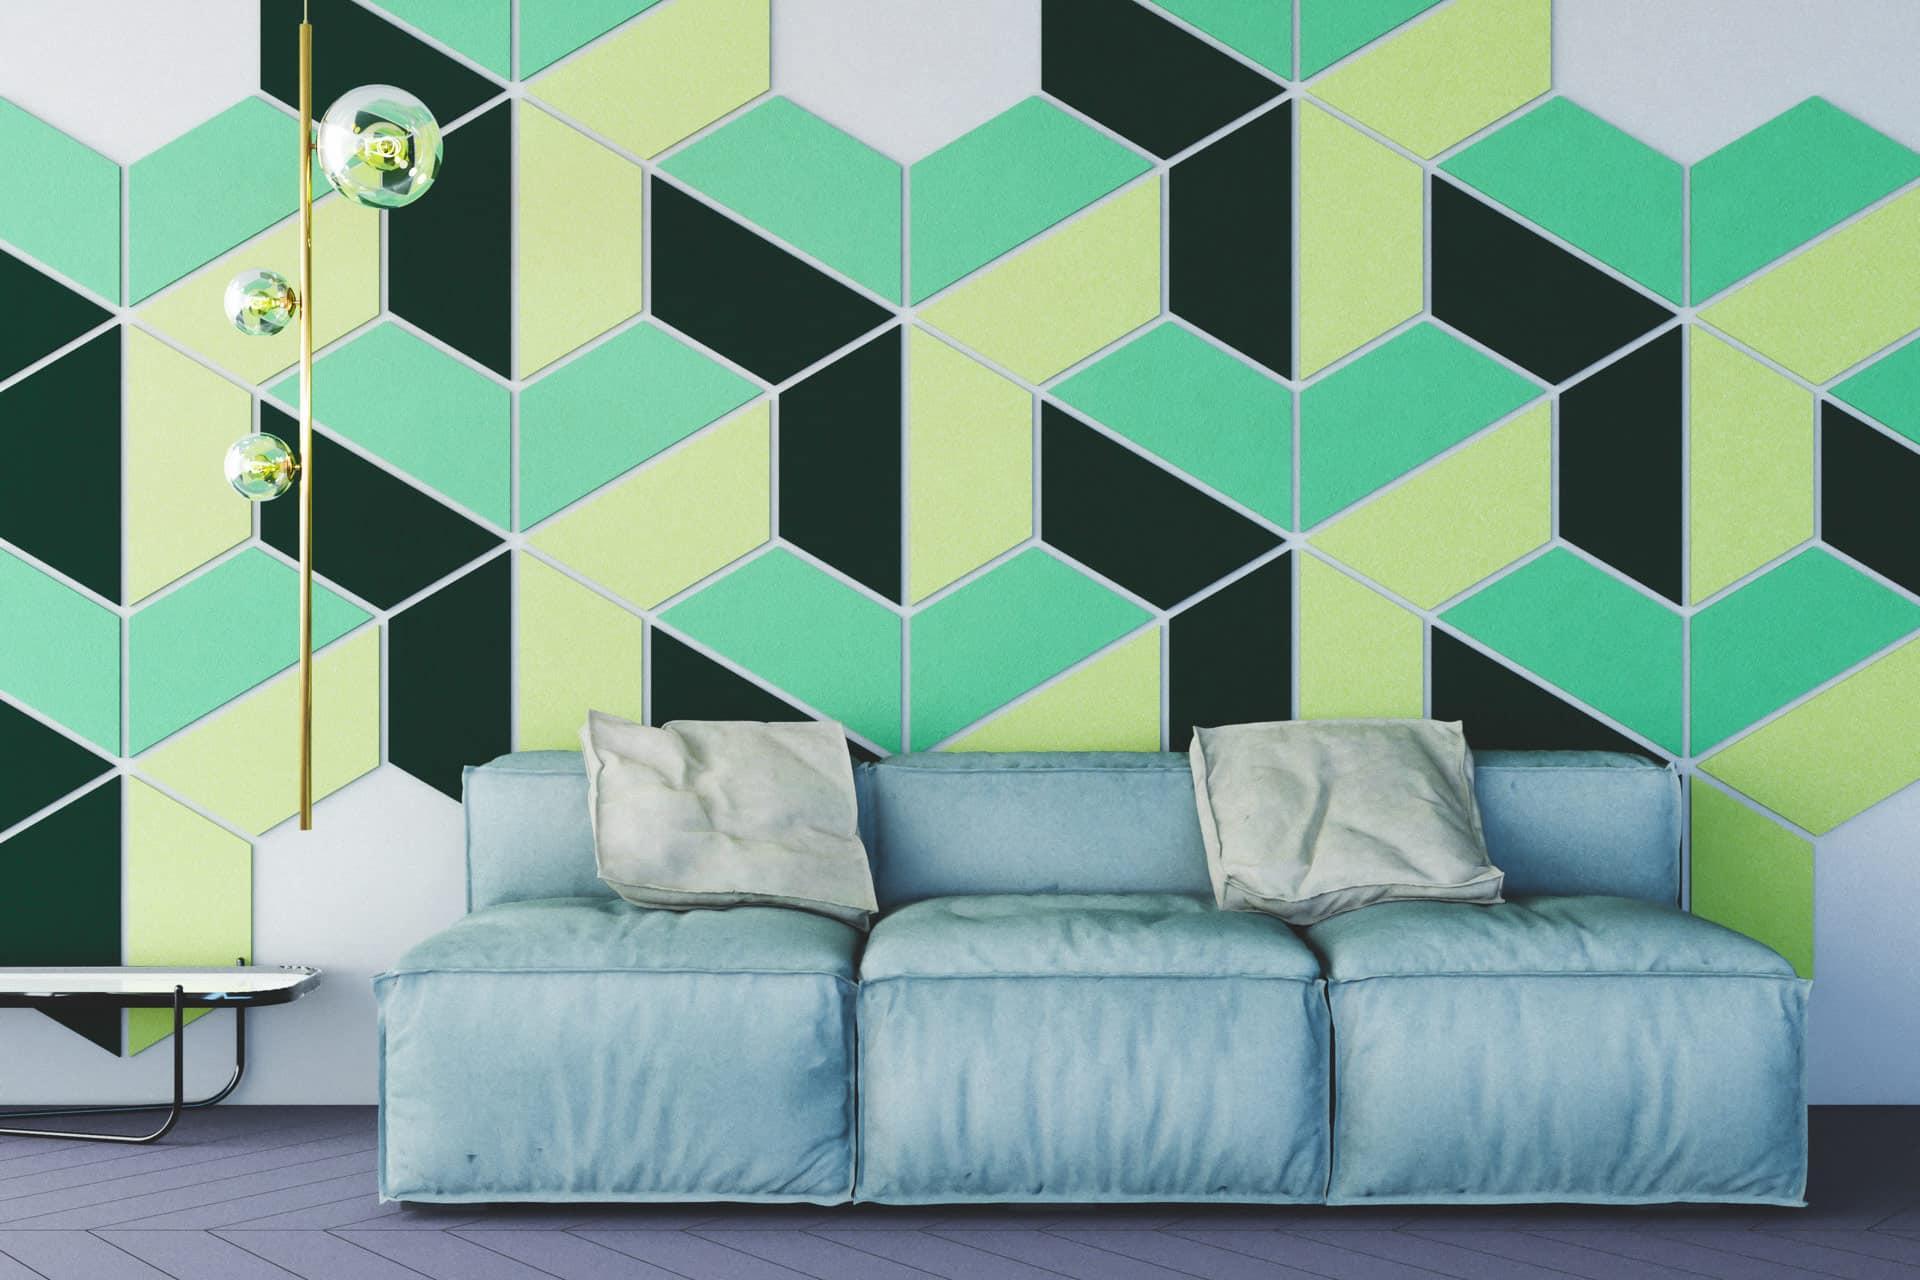 Panele dekoracyjne dźwiękochłonne w kształcie trapezu na ścianie w salonie